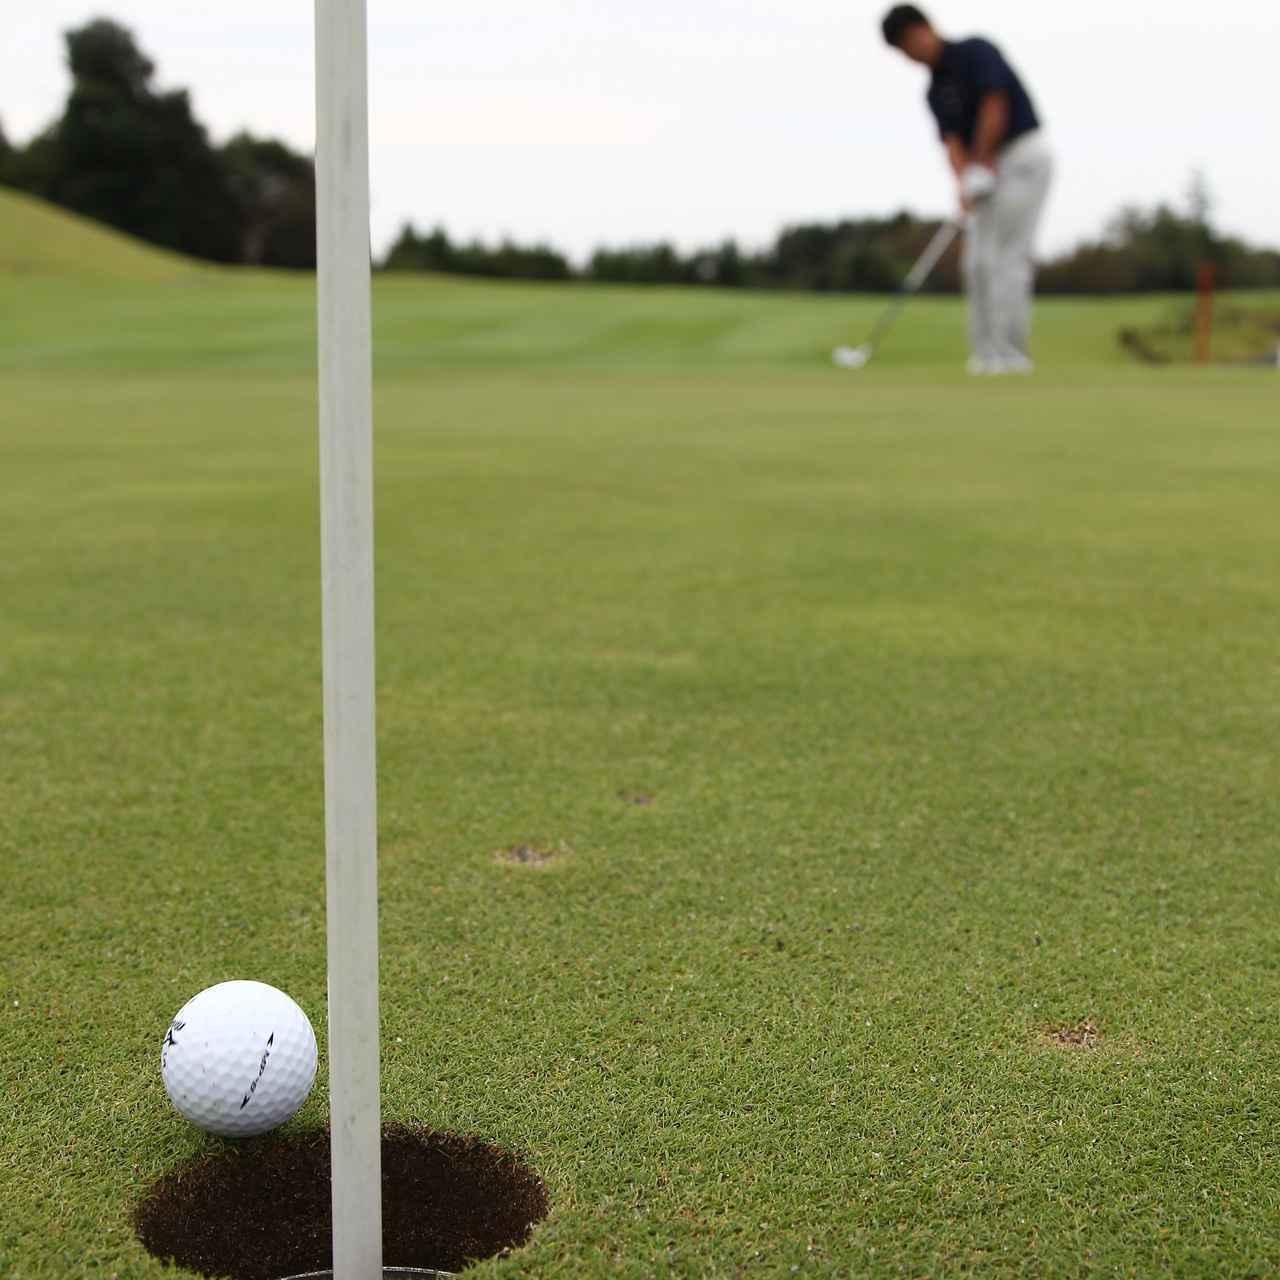 画像: プロはチップインを狙ってる? 女子プロとコーチにズバリ聞いてみた【動画あり】 - みんなのゴルフダイジェスト